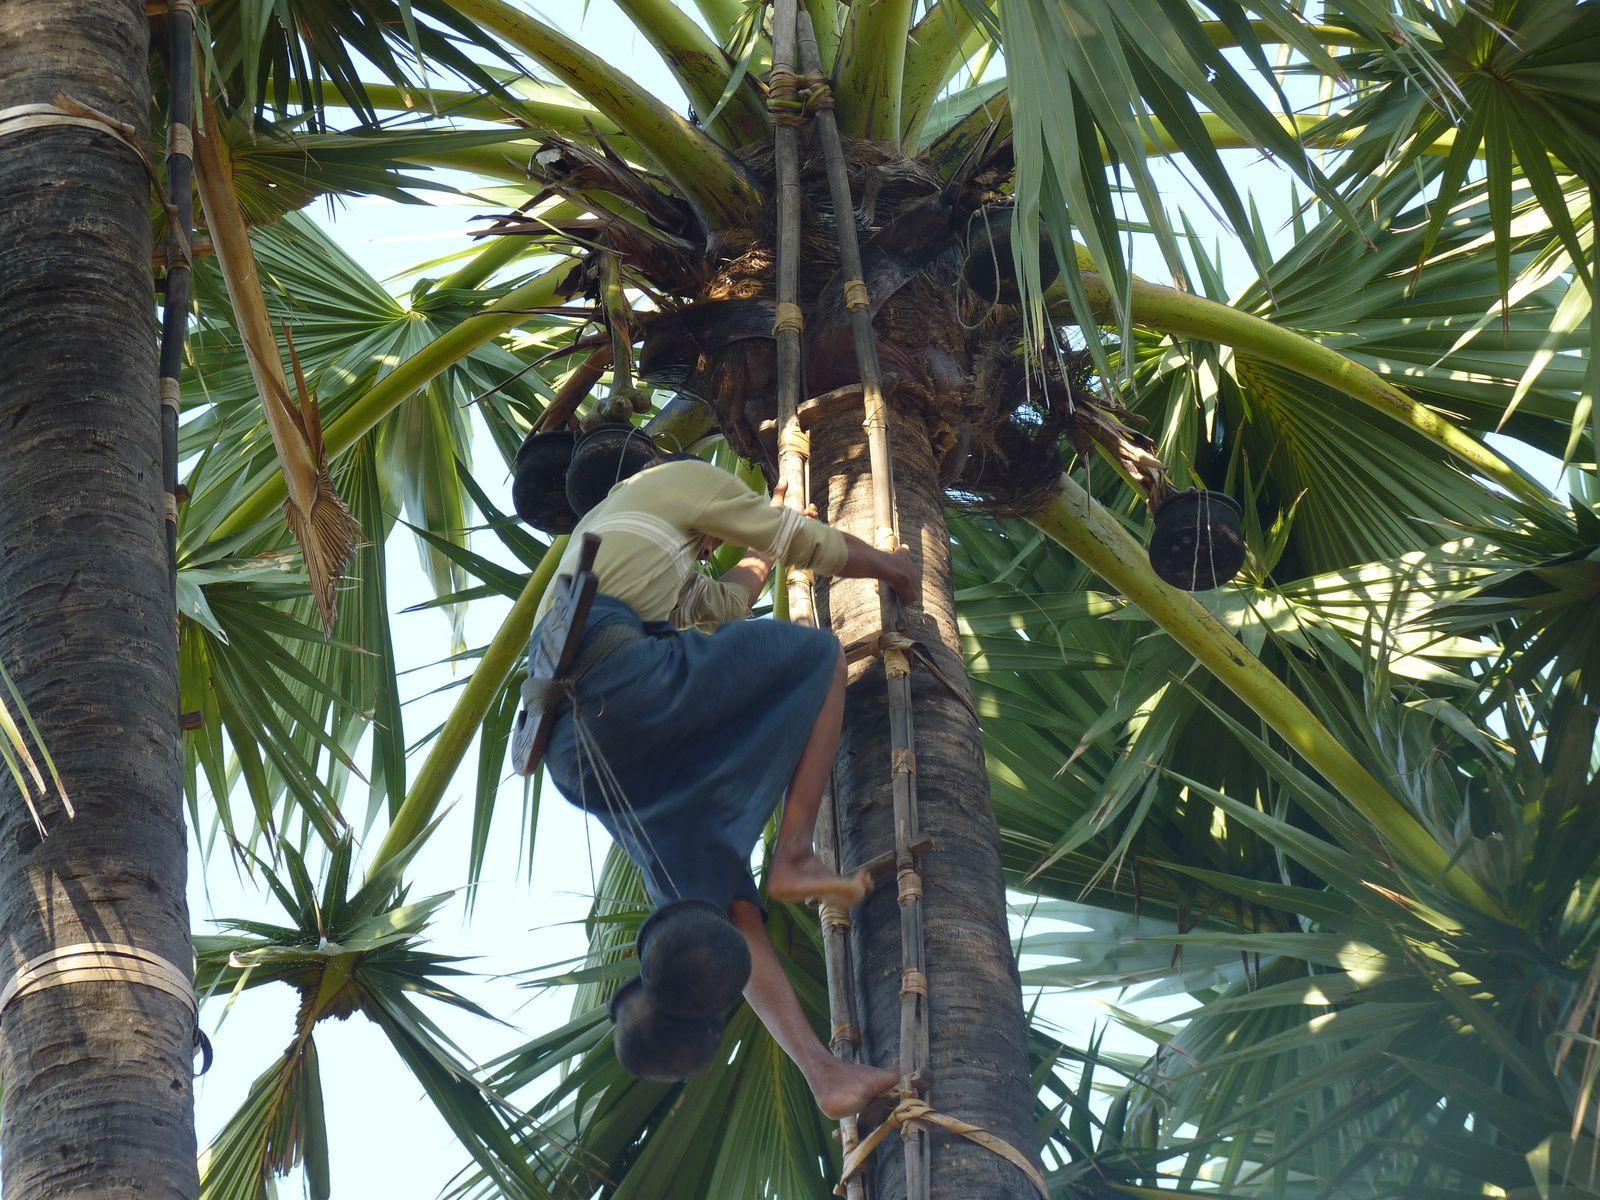 récolte de la sève de palmier